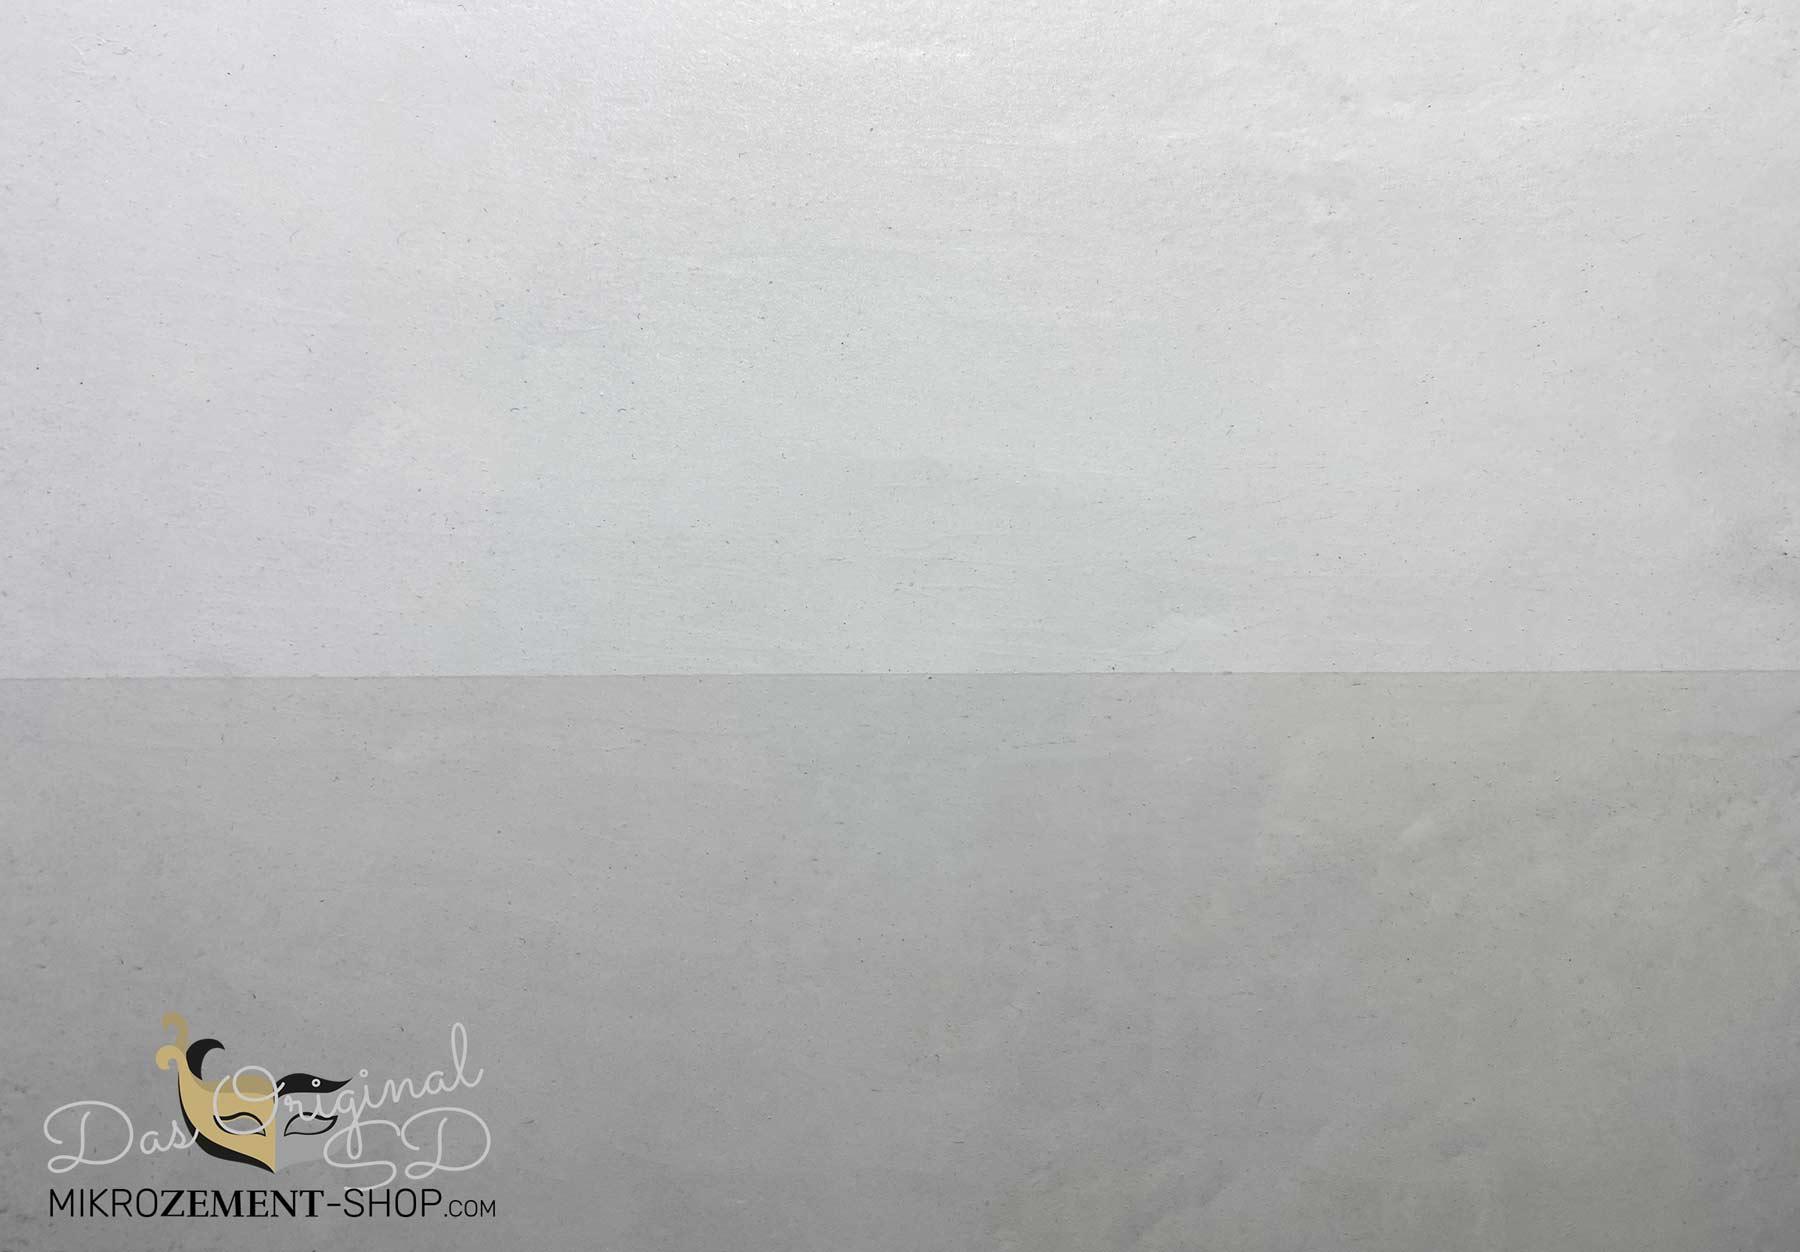 Unterschied Mikrozement Siegel mit Glanz